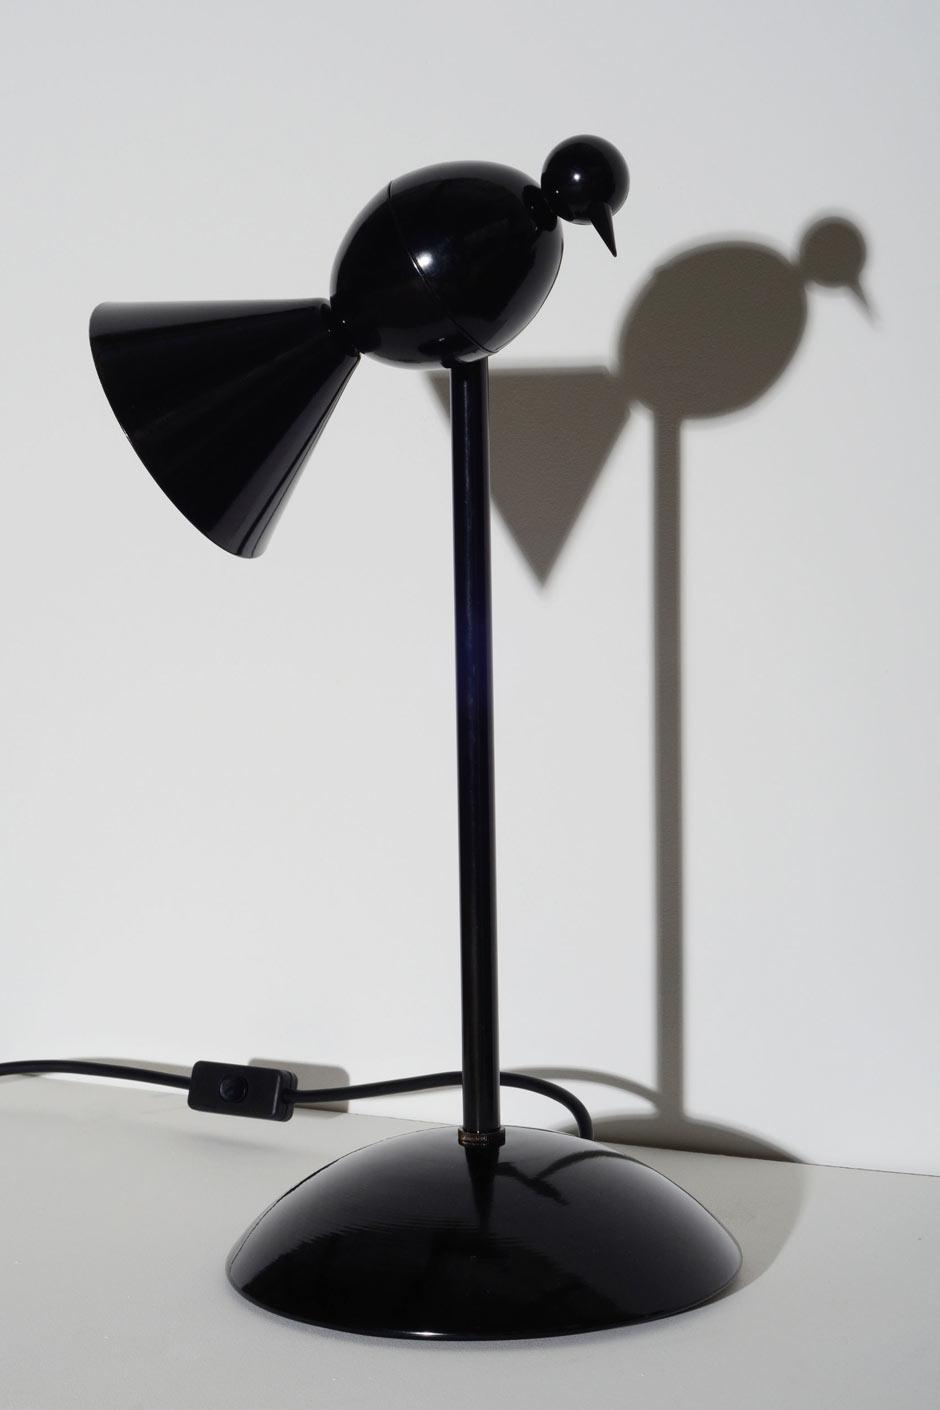 lampe de bureau design noire alouette pied fixe atelier areti luminaires design en cristal et. Black Bedroom Furniture Sets. Home Design Ideas